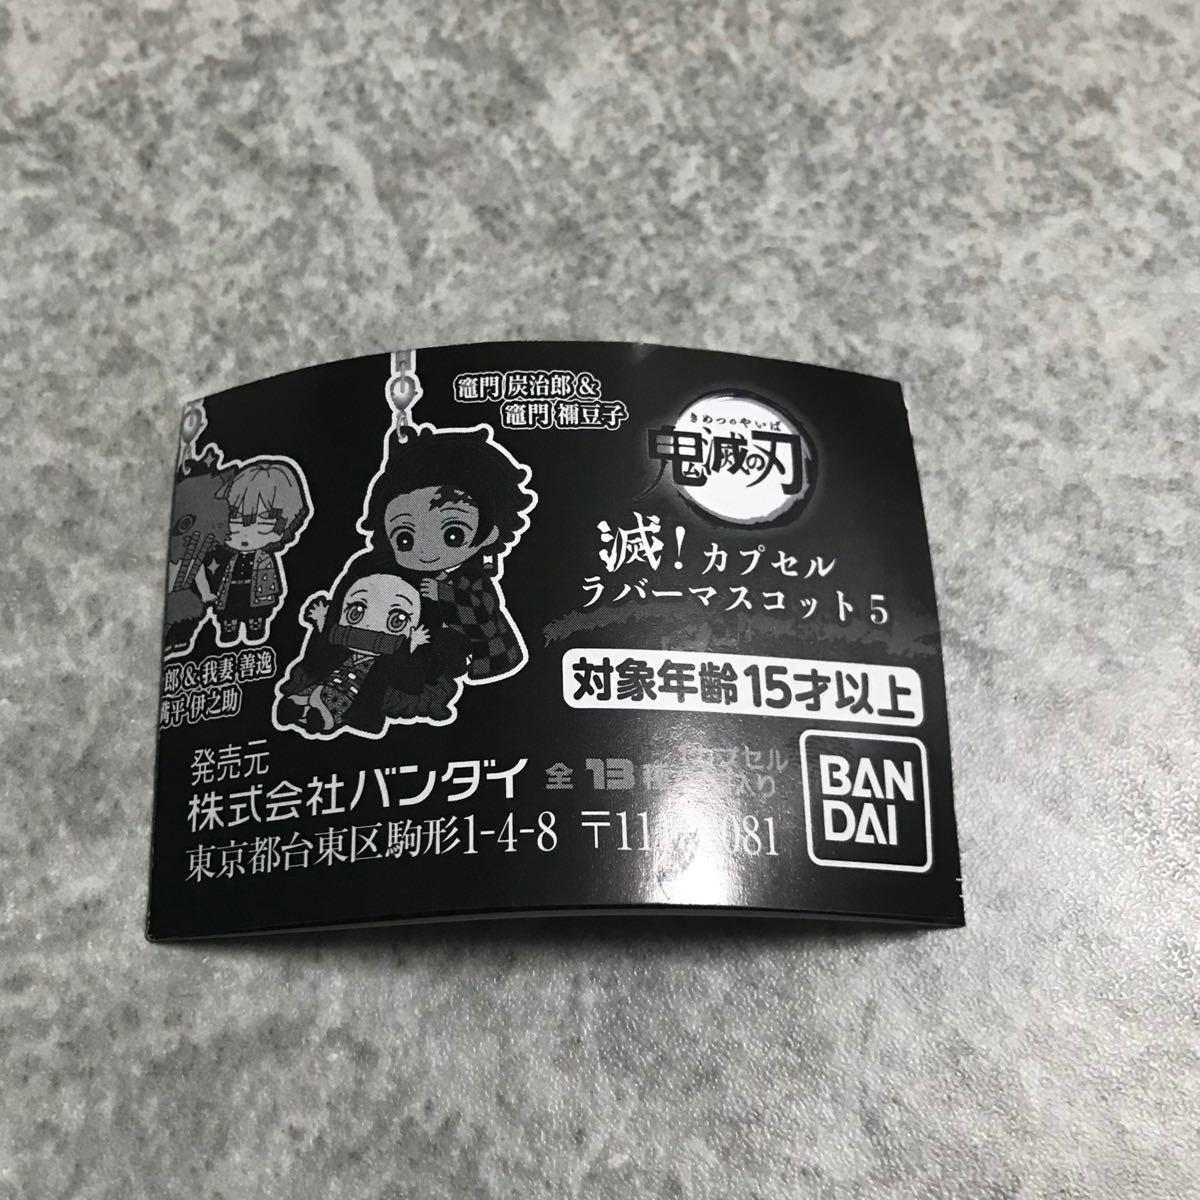 【時透無一郎】鬼滅の刃 滅!カプセル ラバーマスコット5